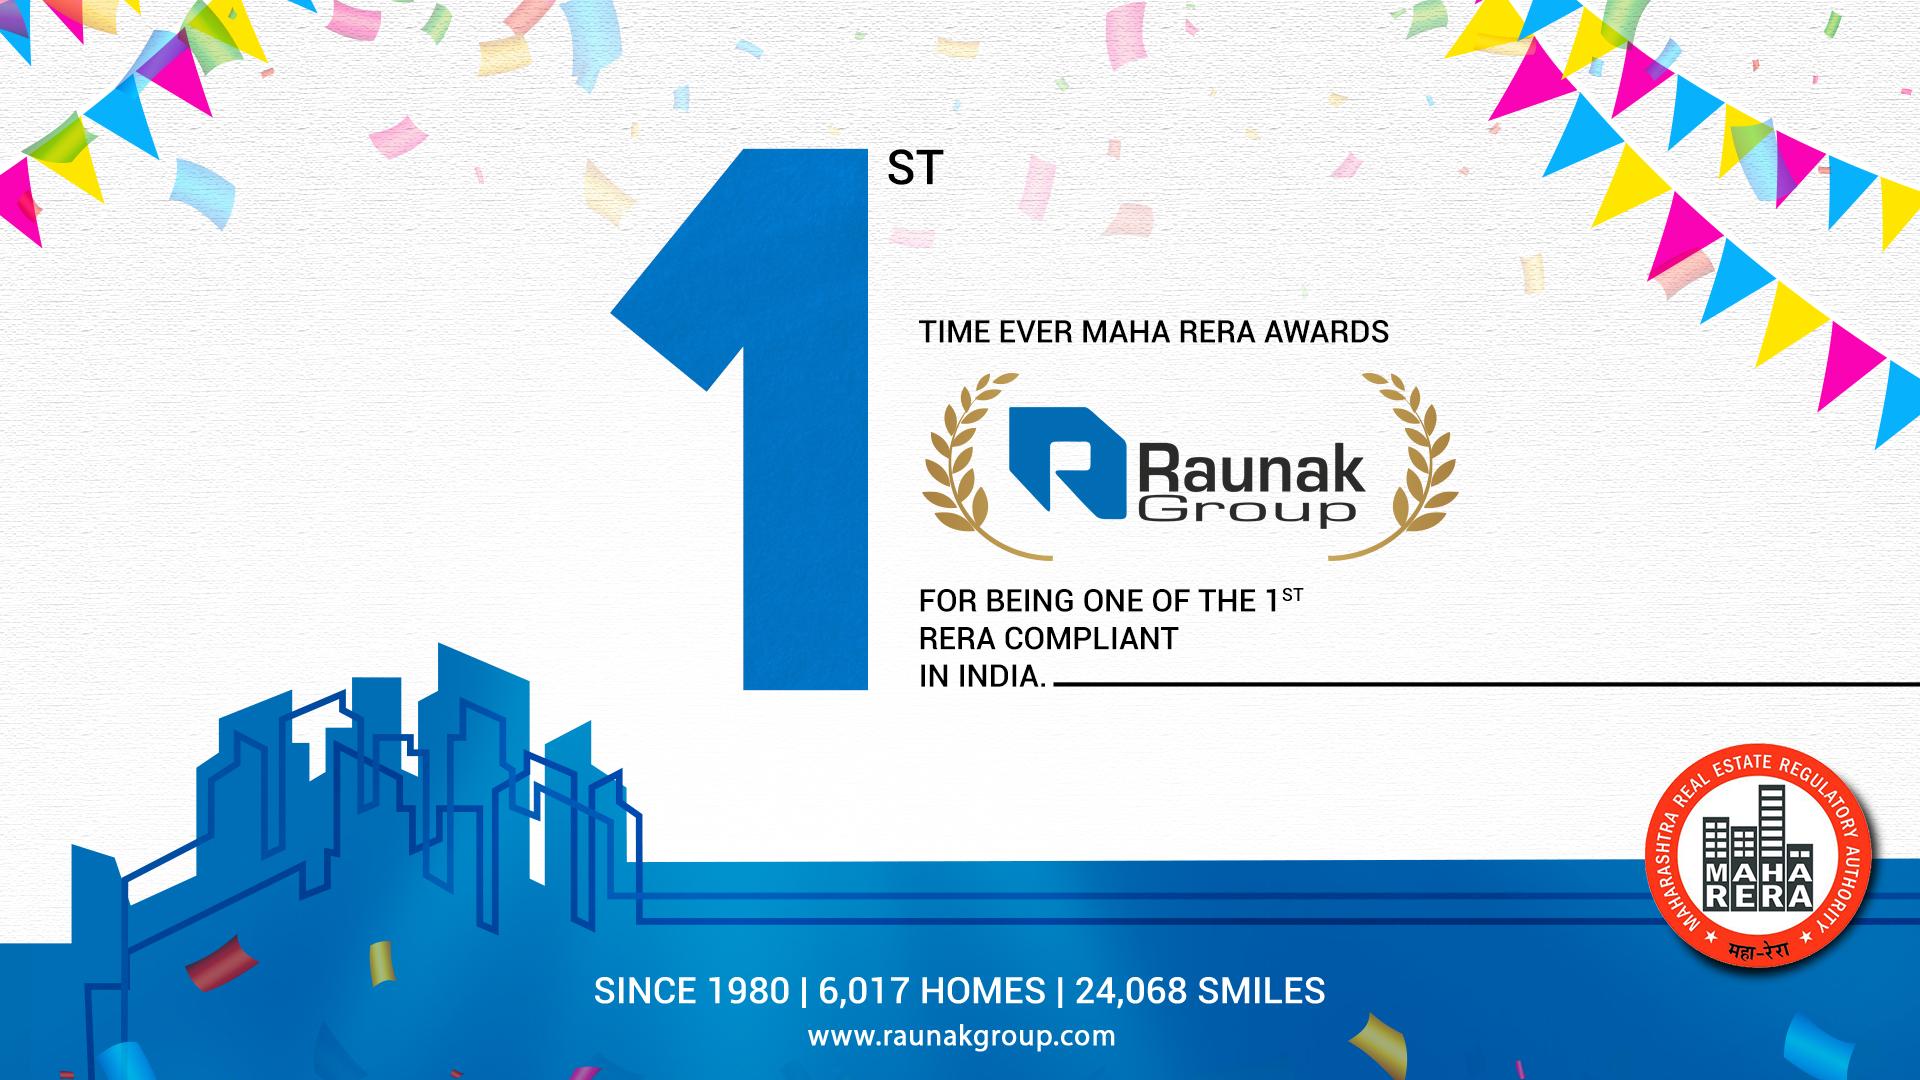 MahaRERA awards Raunak Group